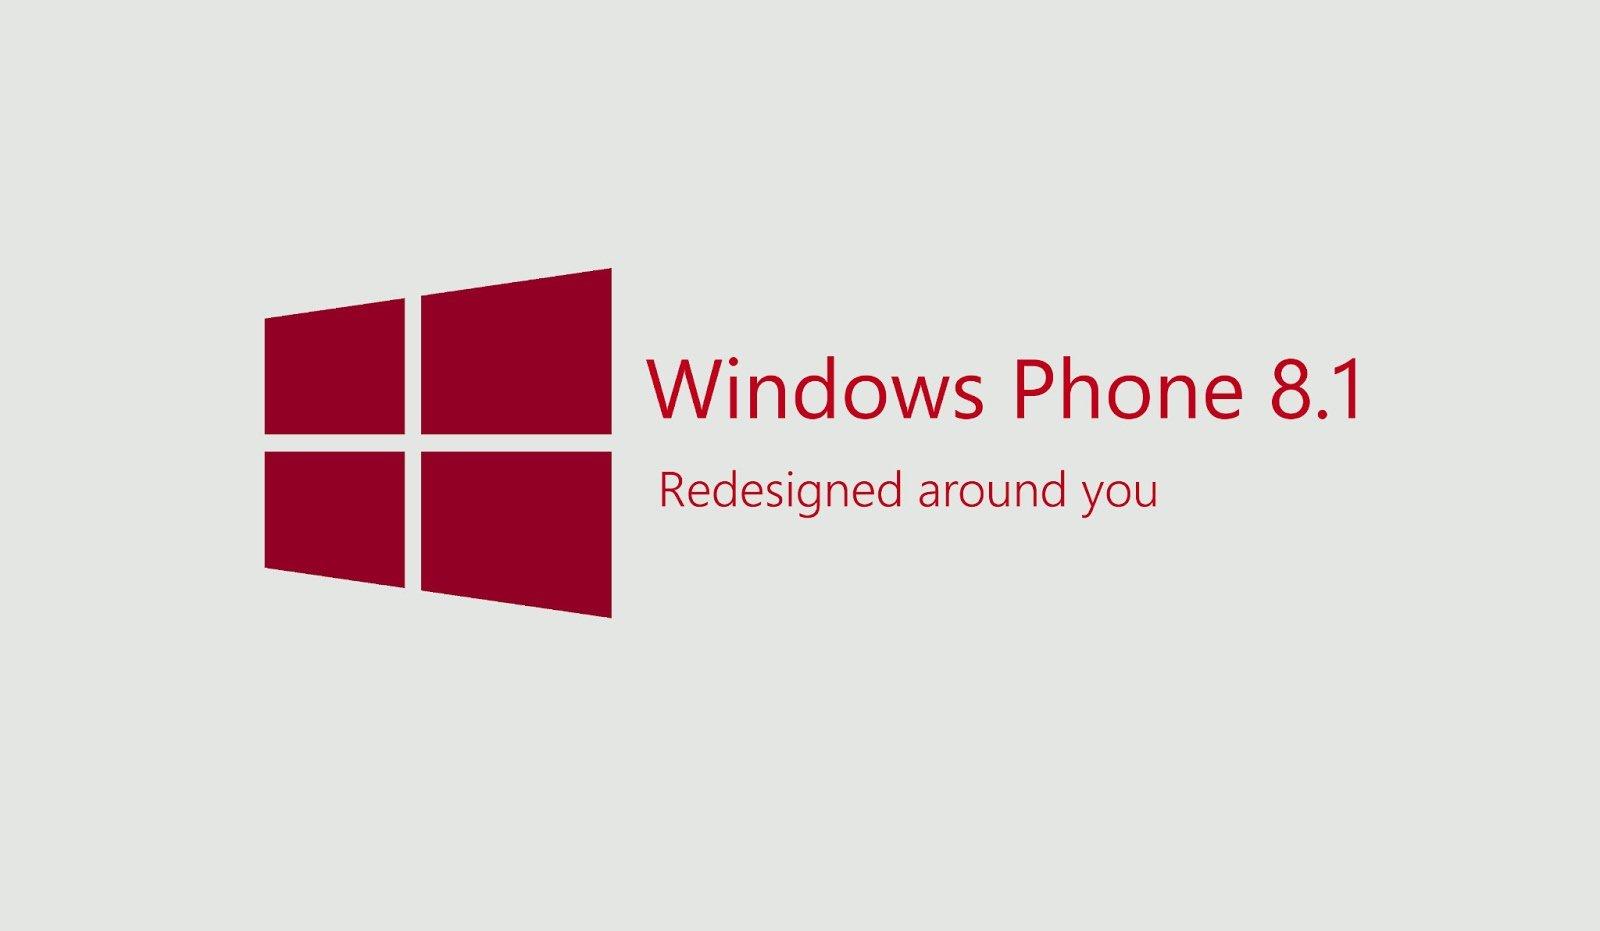 مميزات ويندوز فون 8.1 القادم 3